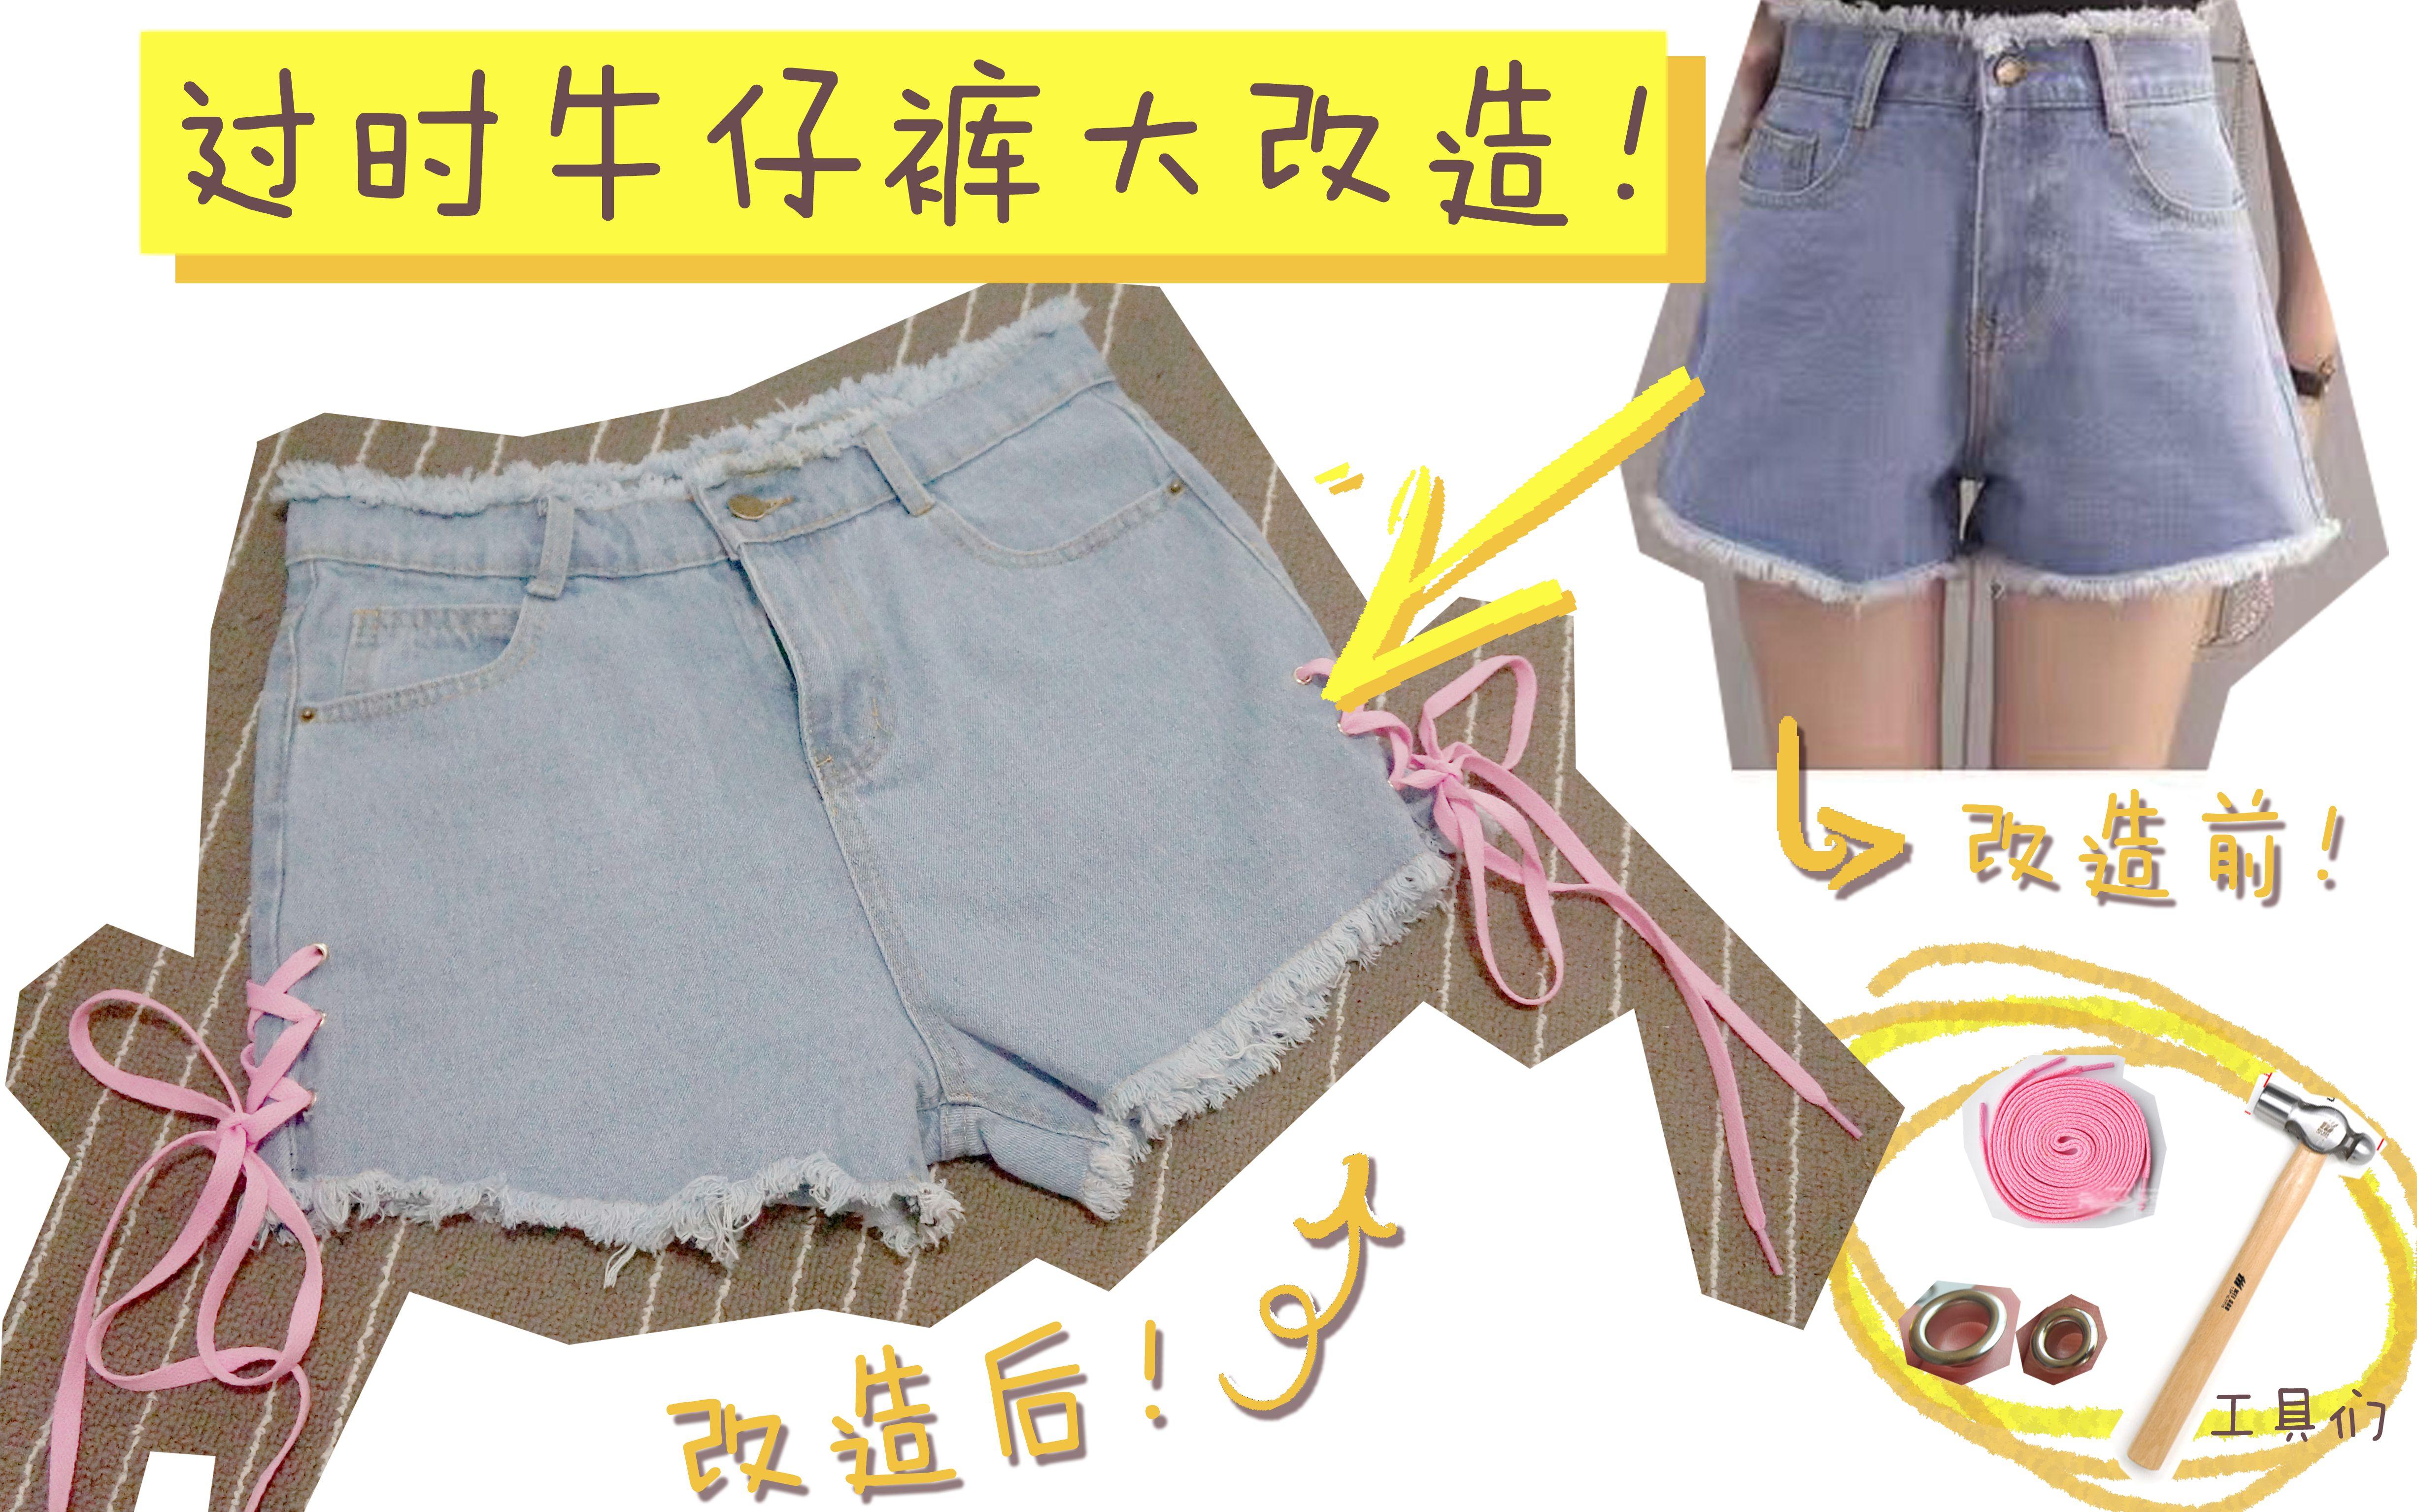 牛仔裤改造牛仔裙_【DIY】过时牛仔裤大改造_哔哩哔哩 (゜-゜)つロ 干杯~-bilibili